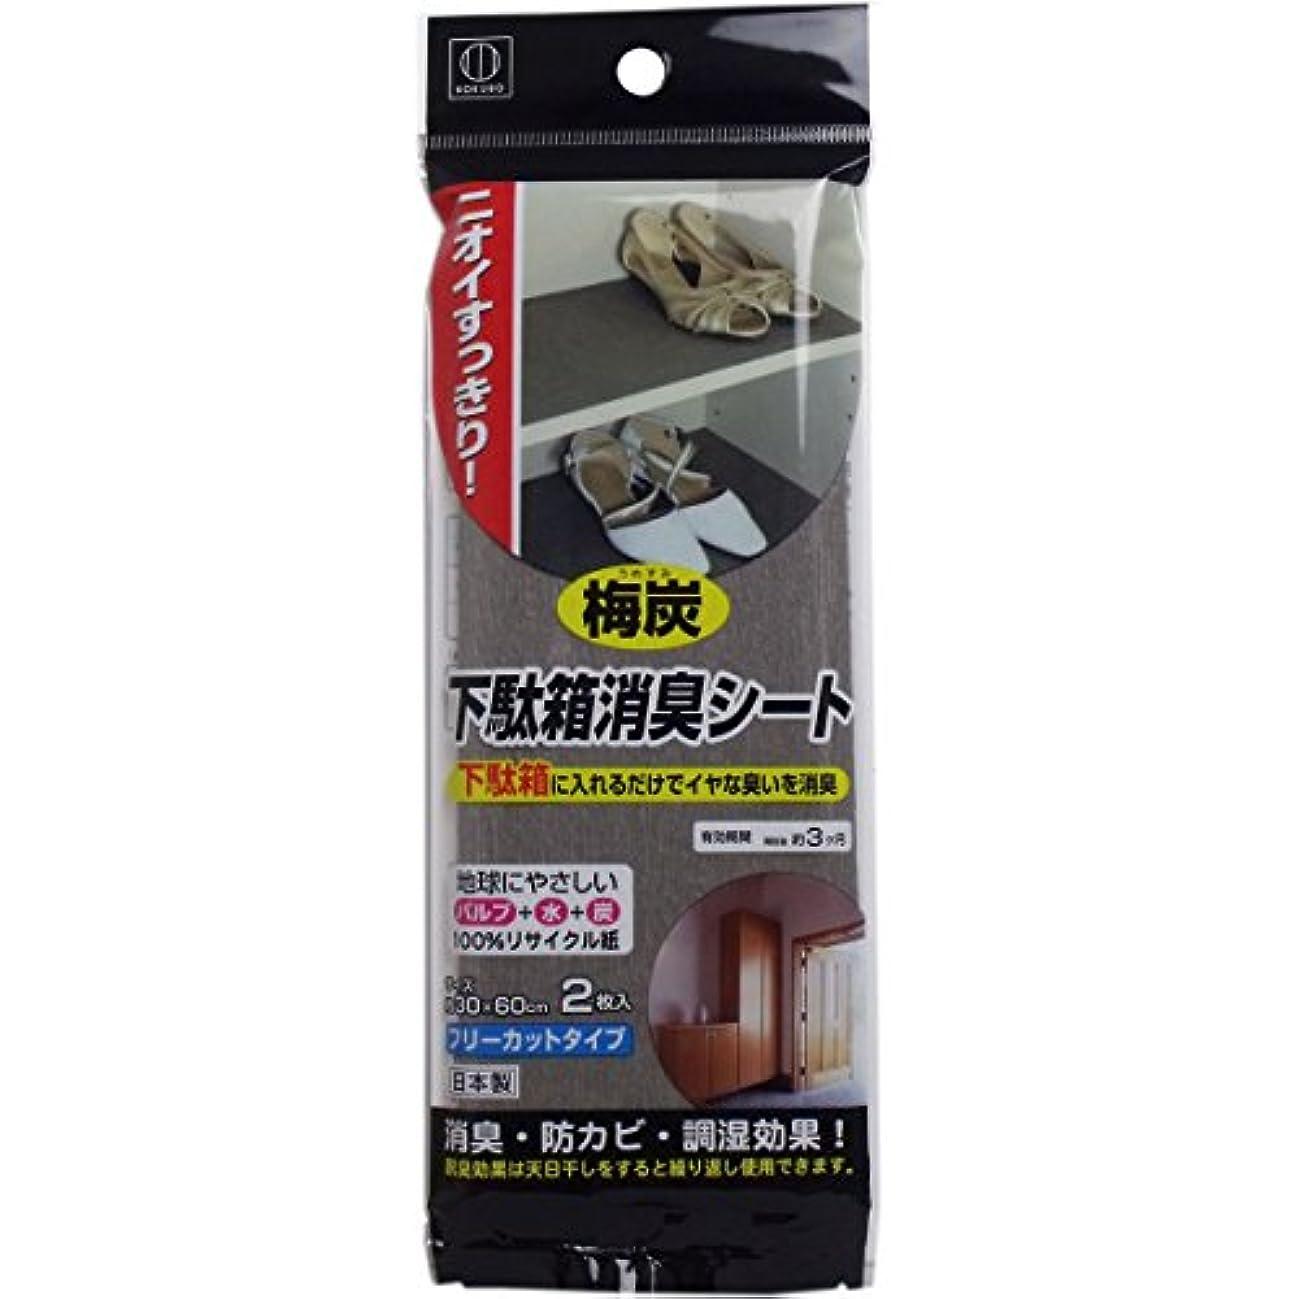 結晶アラブ人含む日本製 japan 3662 梅炭下駄箱消臭シート2枚入り 【まとめ買い10個セット】